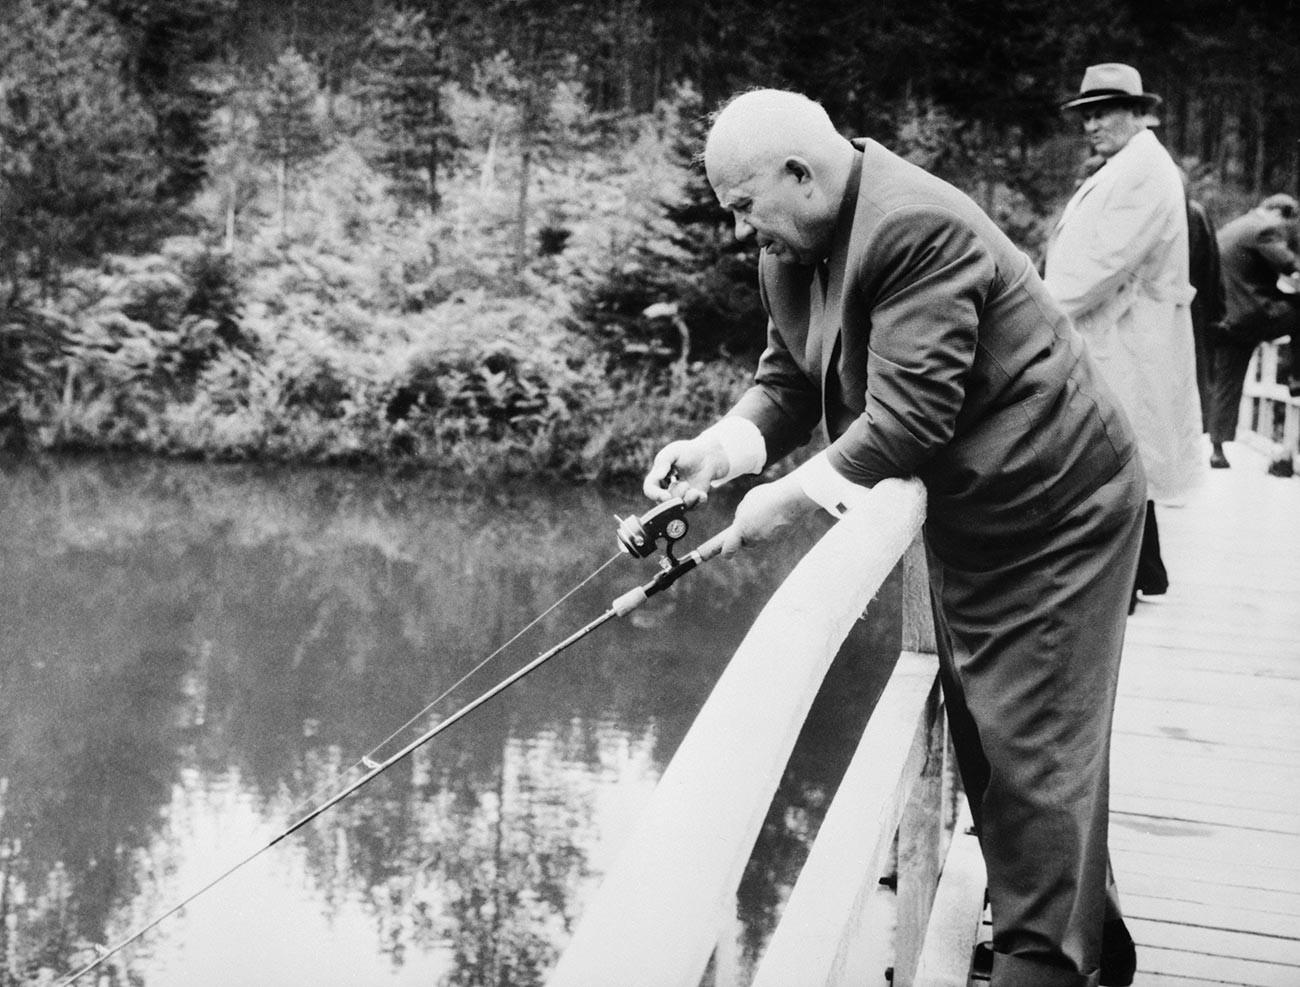 Duboka koncentracija. Nikita Hruščov na pecanju tokom 15-dnevnog posjeta Jugoslaviji. Prije toga je na konferenciji za novinare rekao da su Rusija i Jugoslavija otklonile sve nesuglasice i udružile se u borbi protiv kapitalizma.